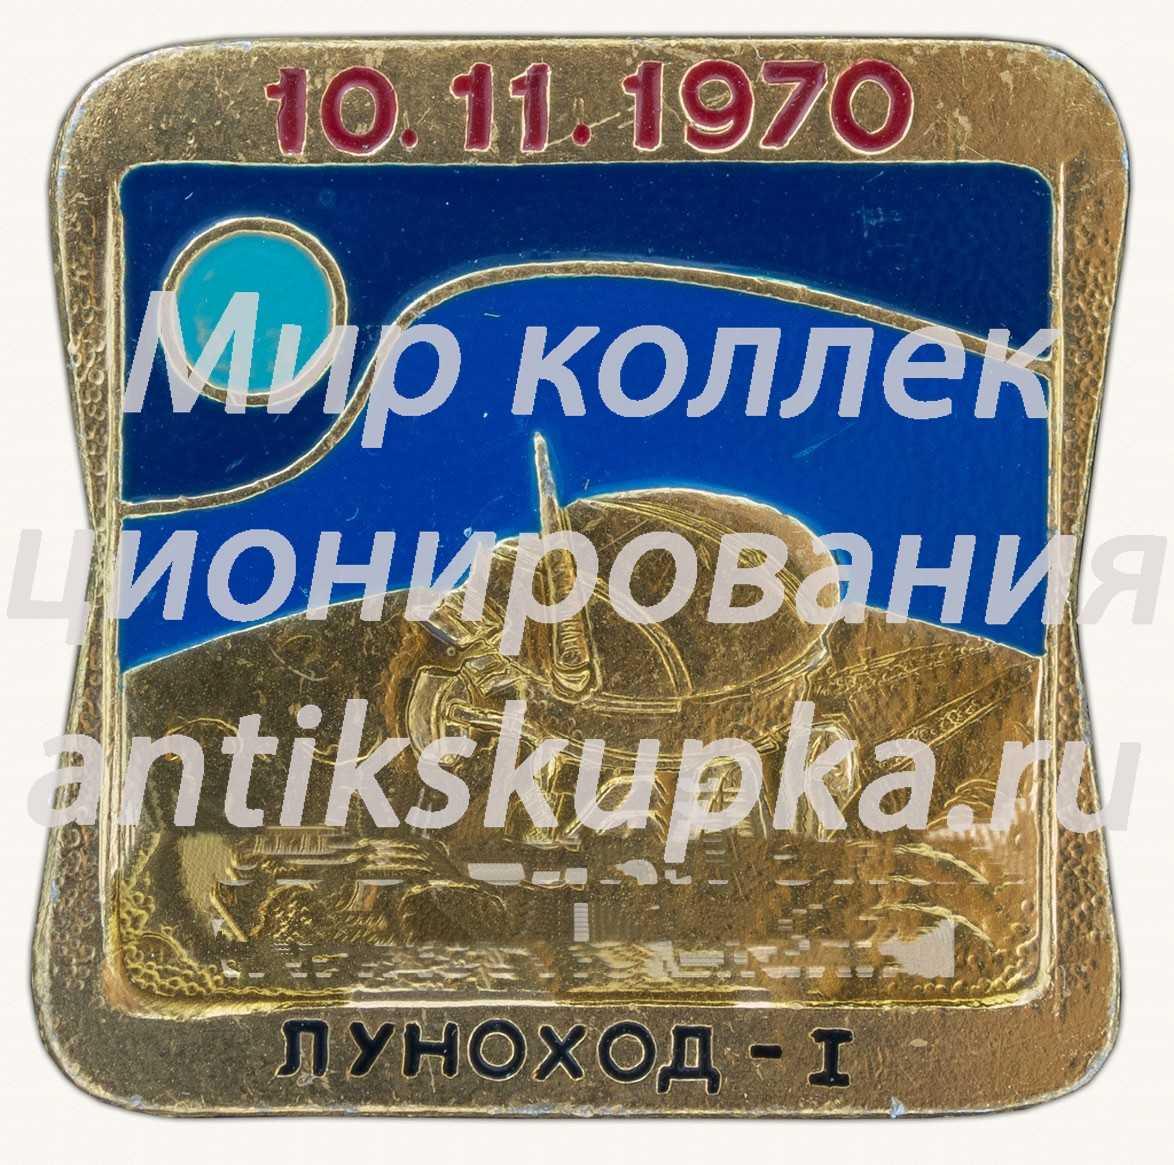 «Луноход-1». 10.11.1970. Серия знаков «Первые покорители космоса»